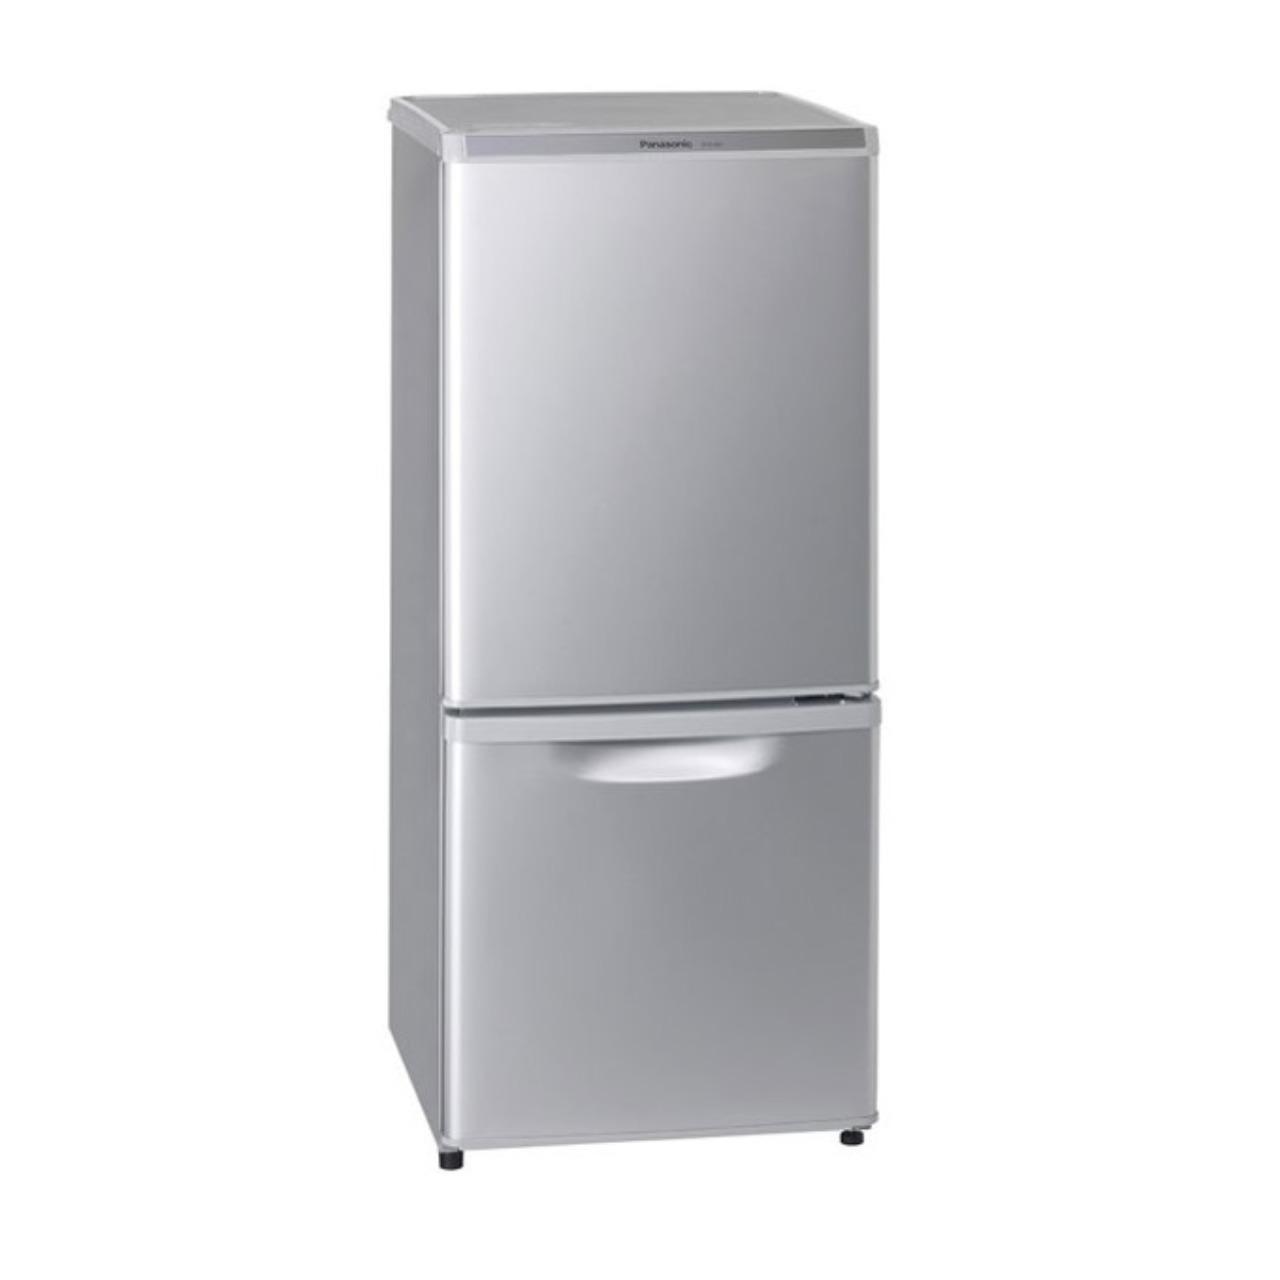 パナソニックNR-B148W冷蔵庫